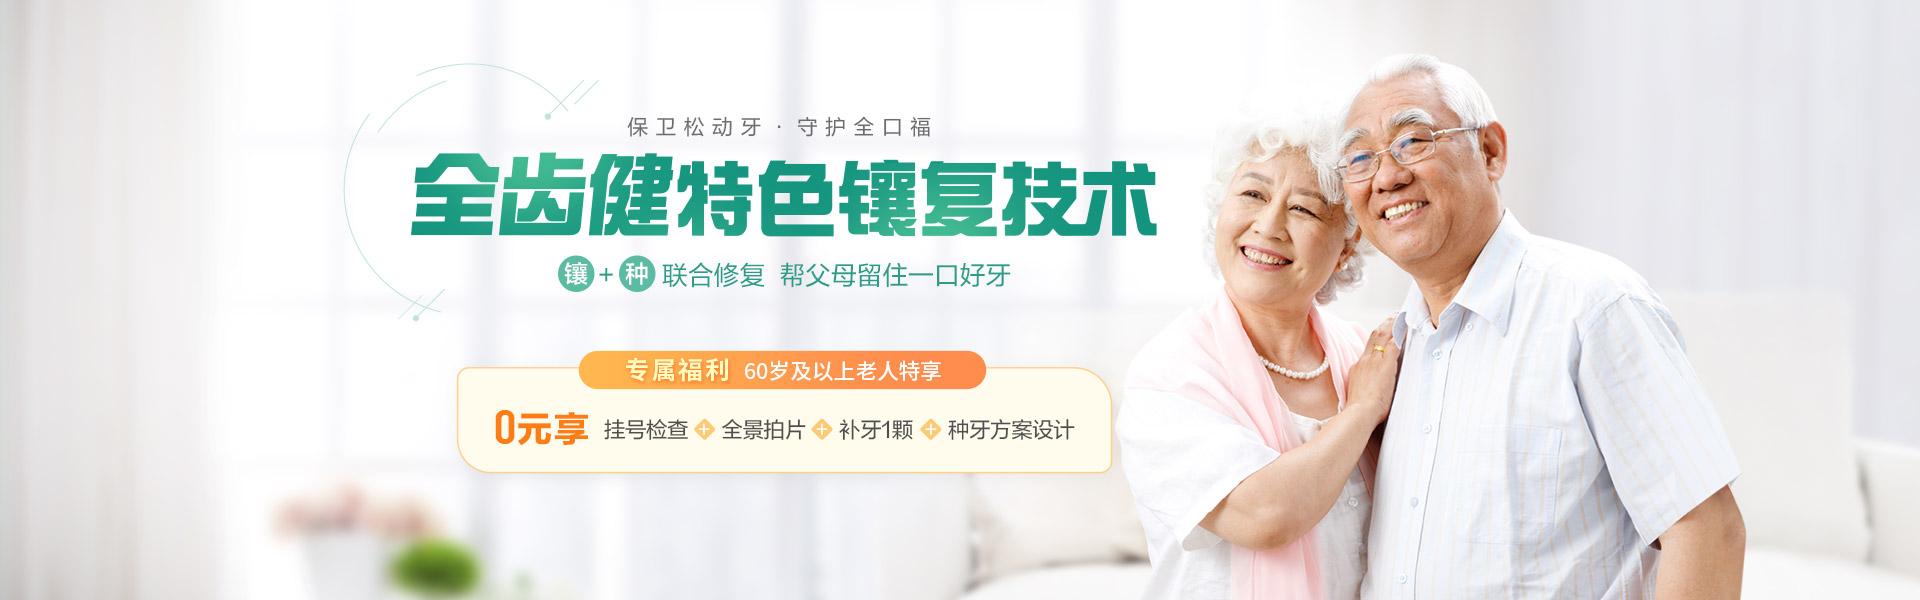 老年齿科广告